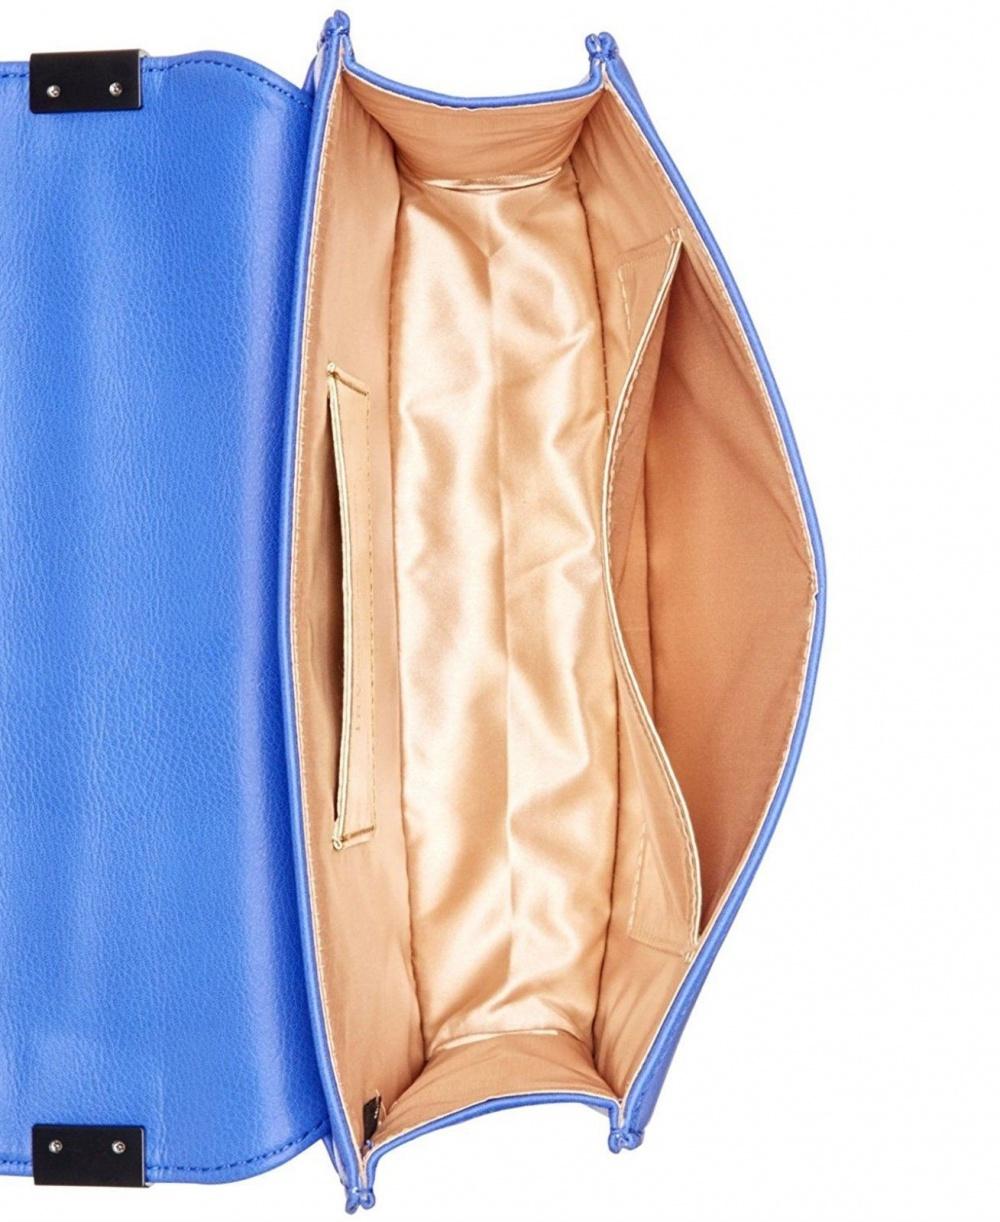 Сумка кросс-боди I.N.C., размер  25 х 17 см